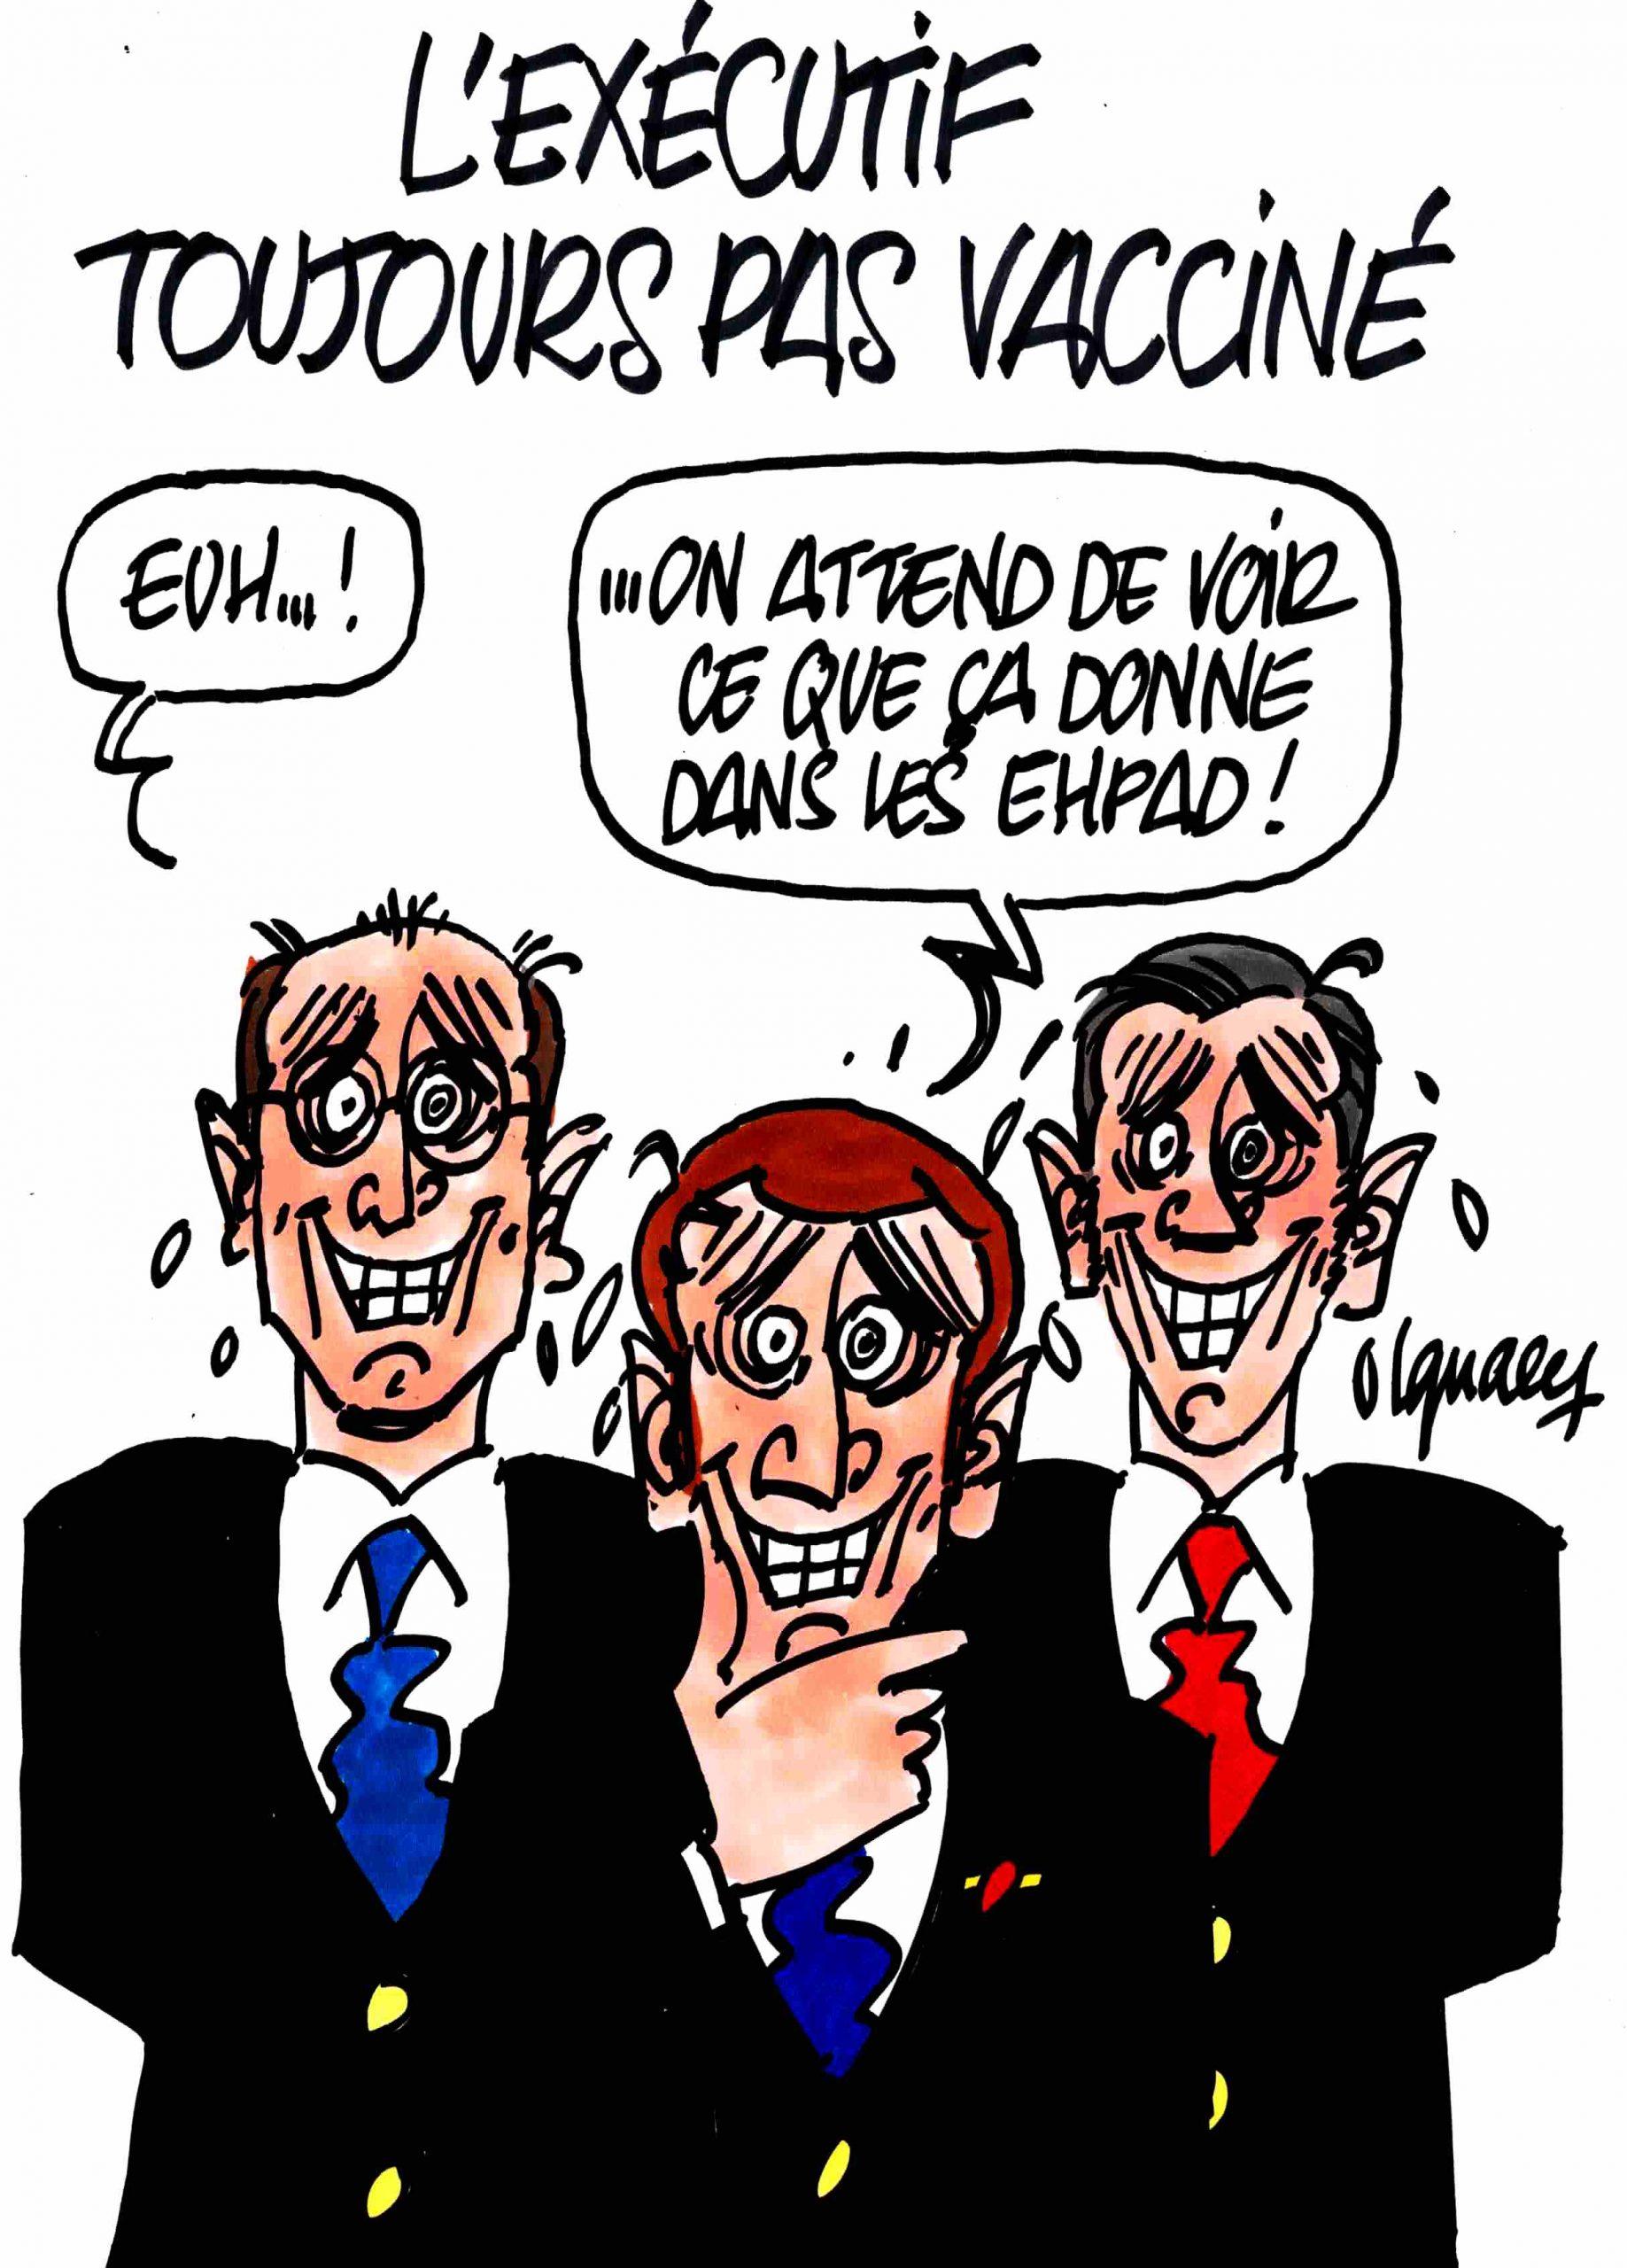 Ignace - L'exécutif toujours pas vacciné